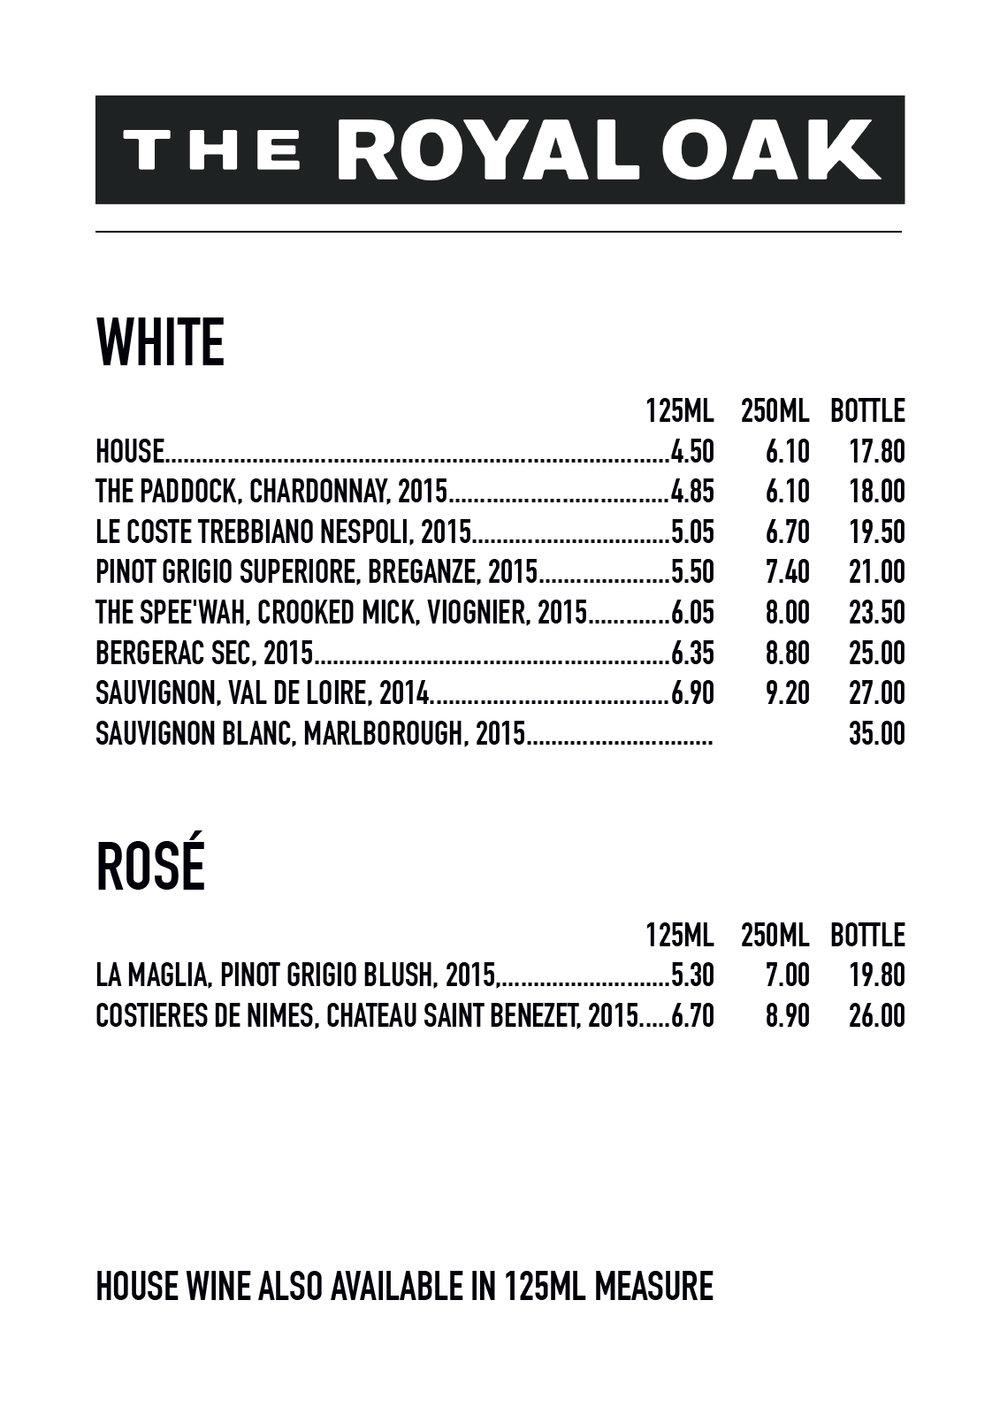 TRO White wine December 2016.jpg